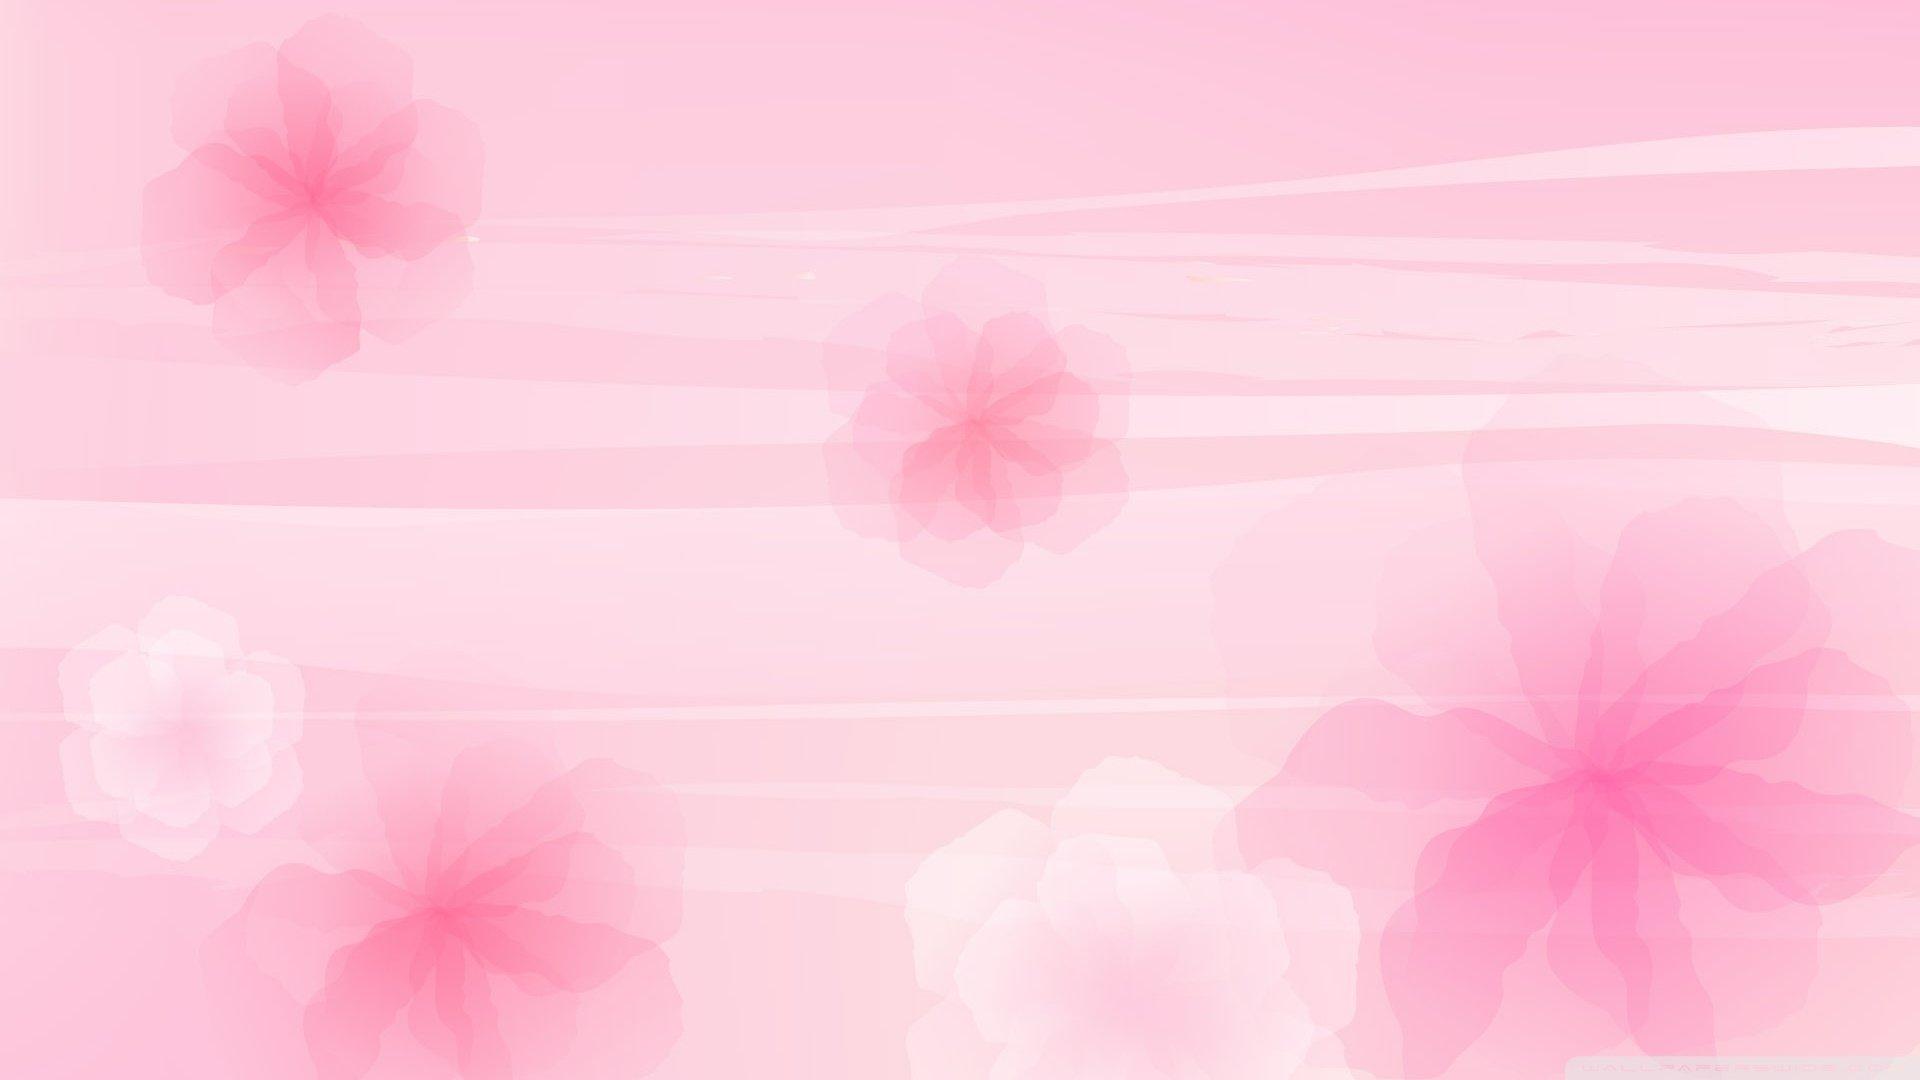 Pastel Pink Wallpaper Image